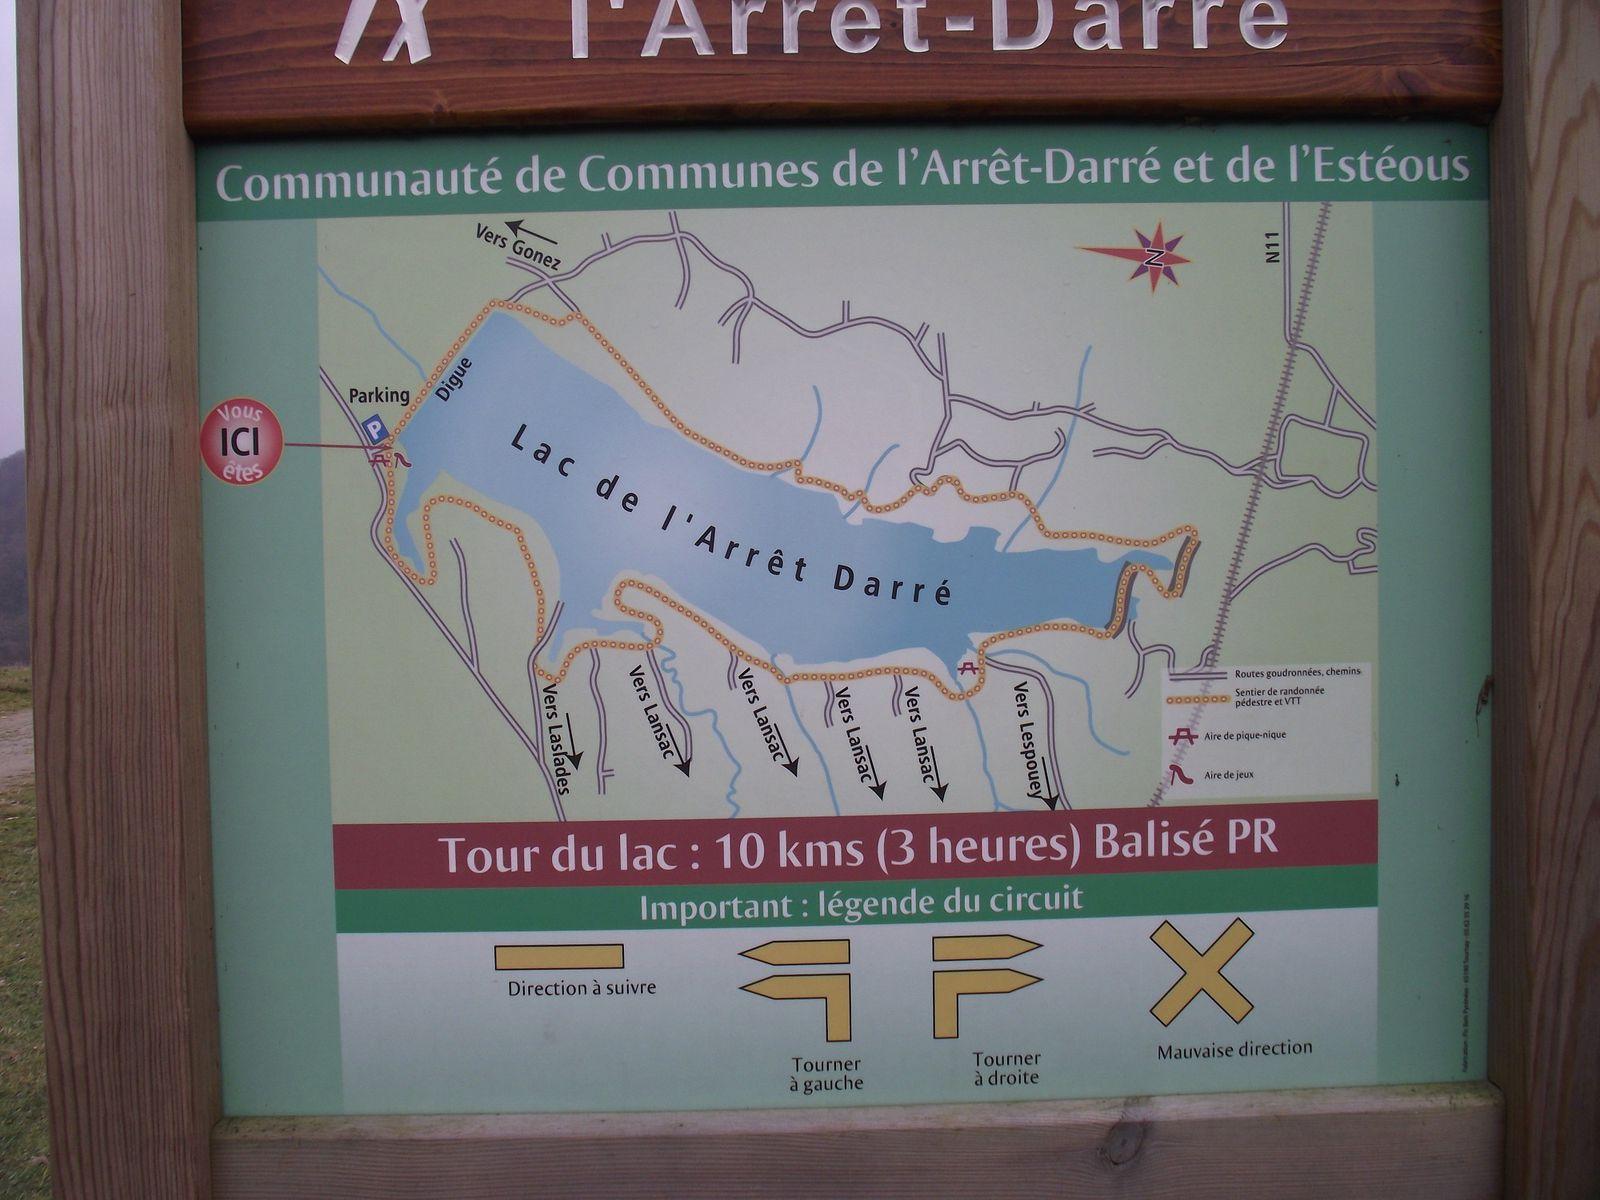 Album - 300-Lac-de-L-Arret-Darre